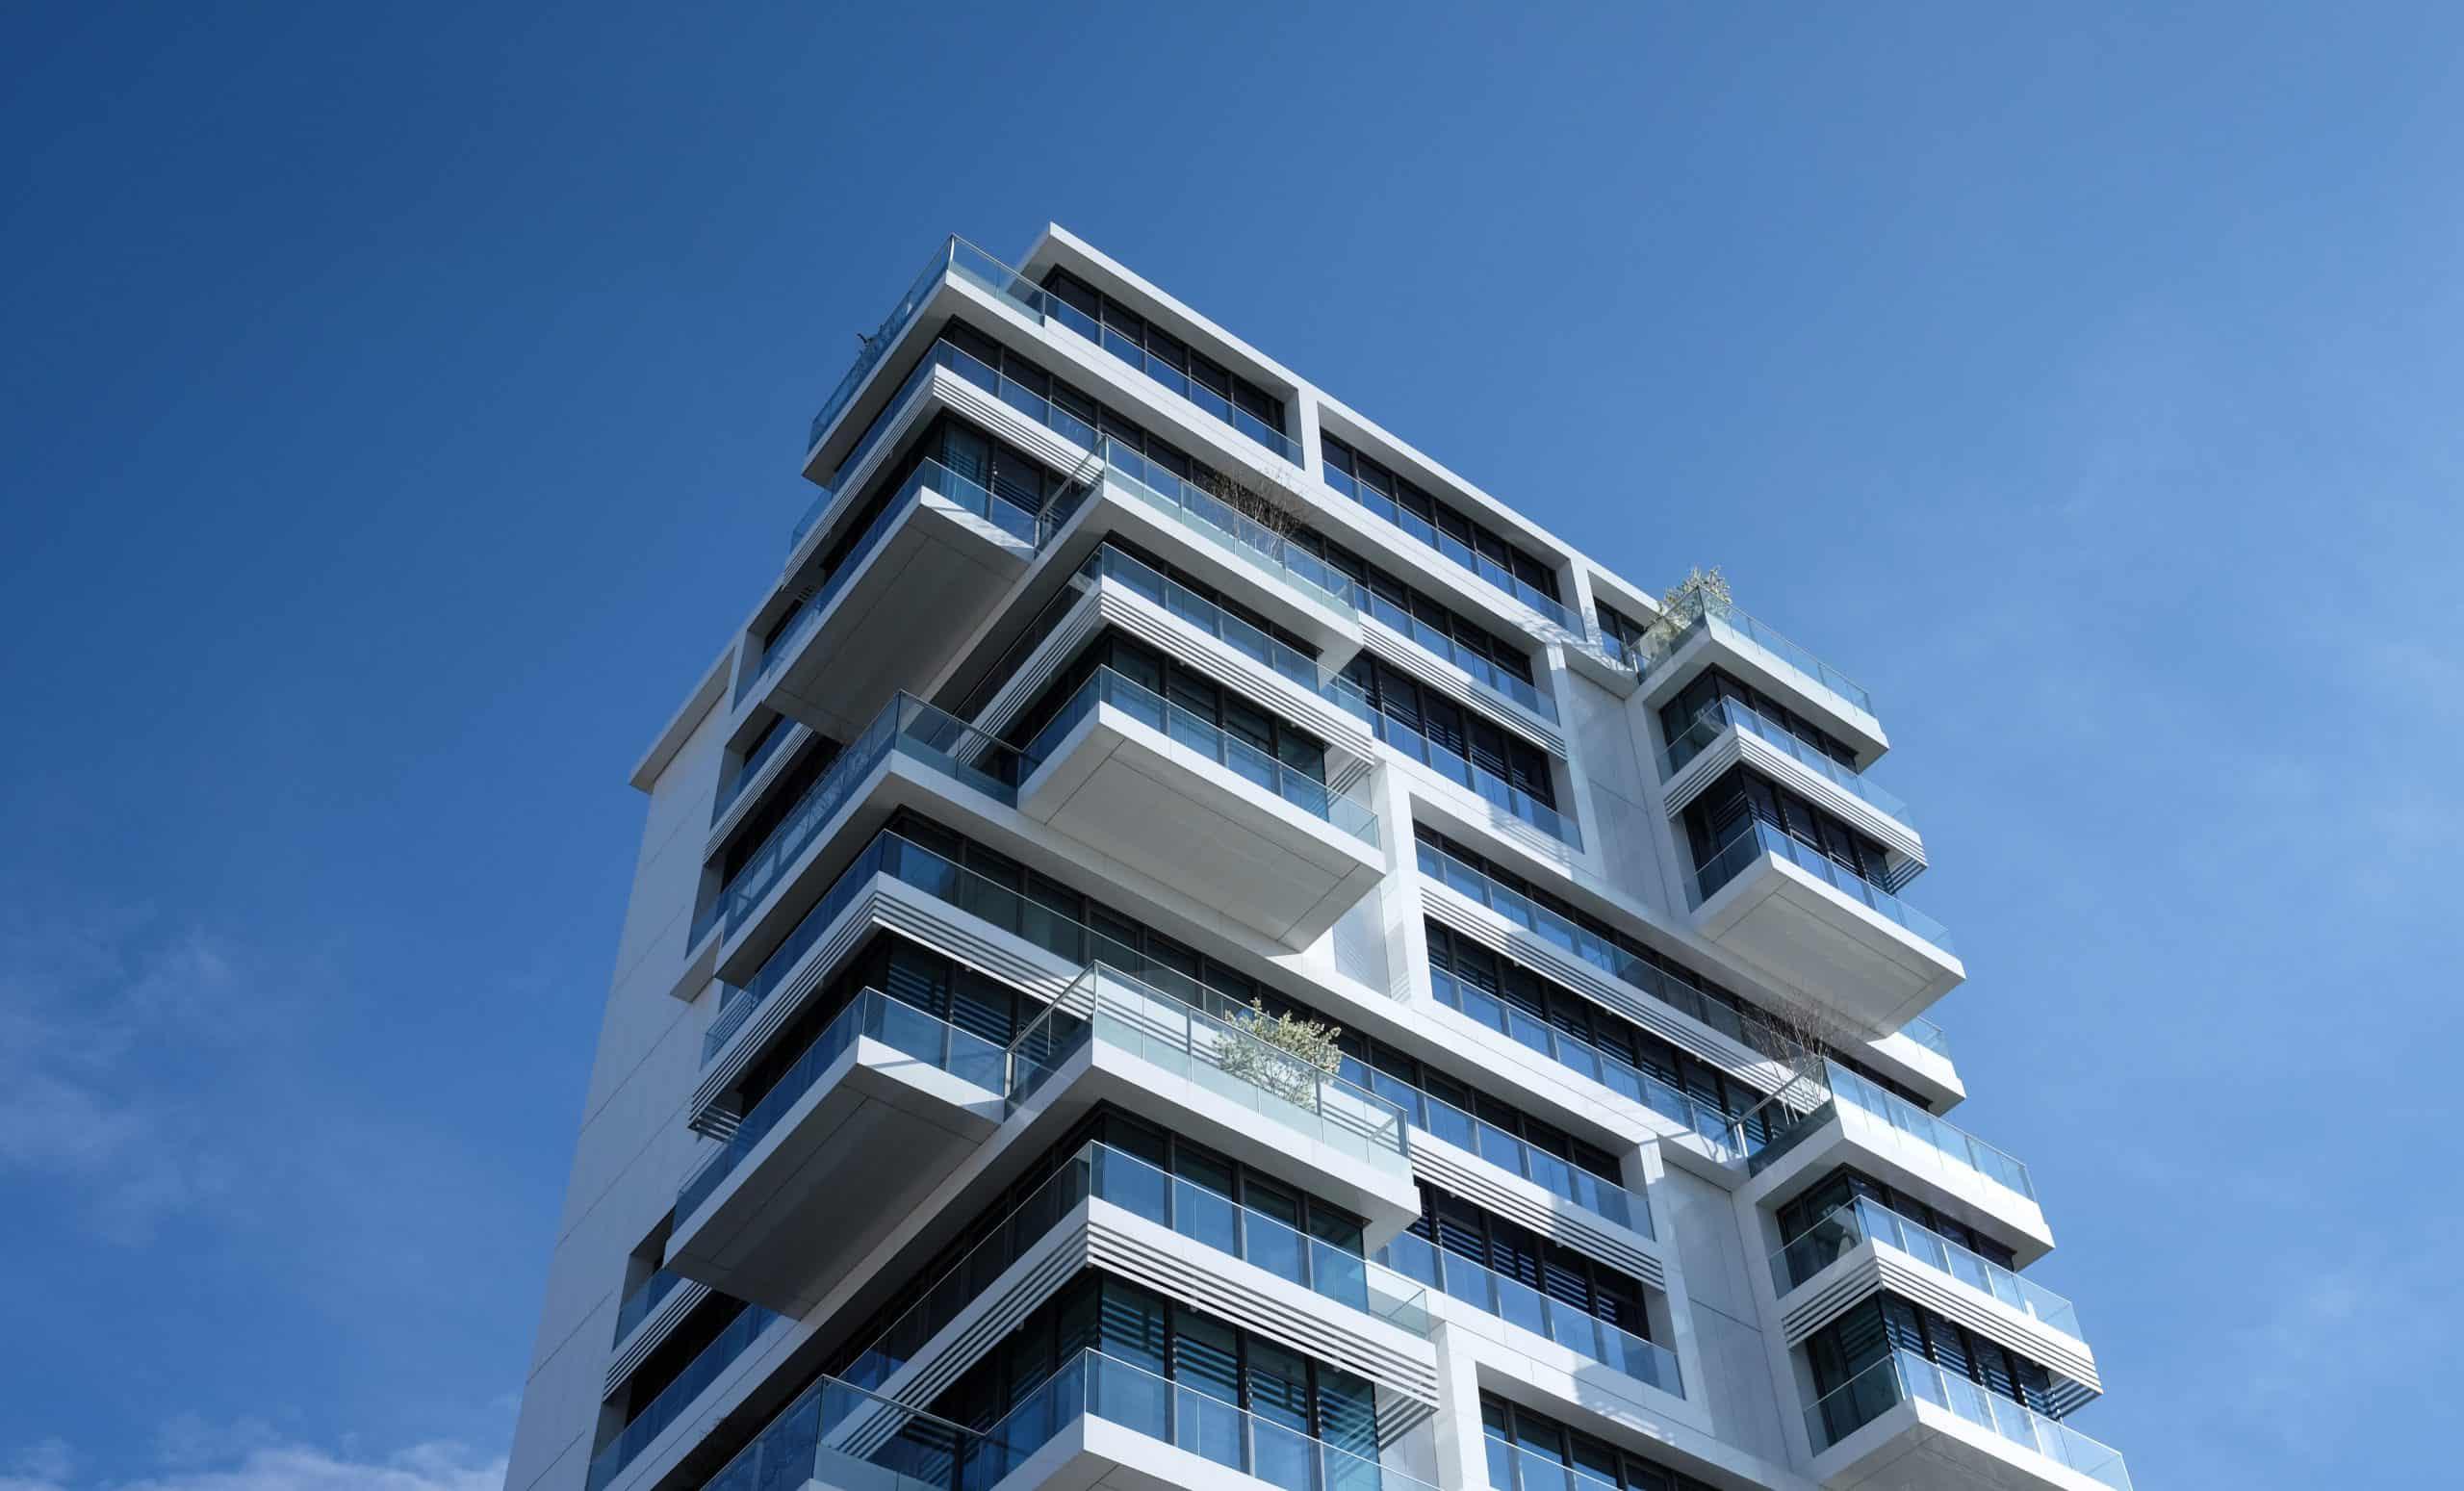 condo building